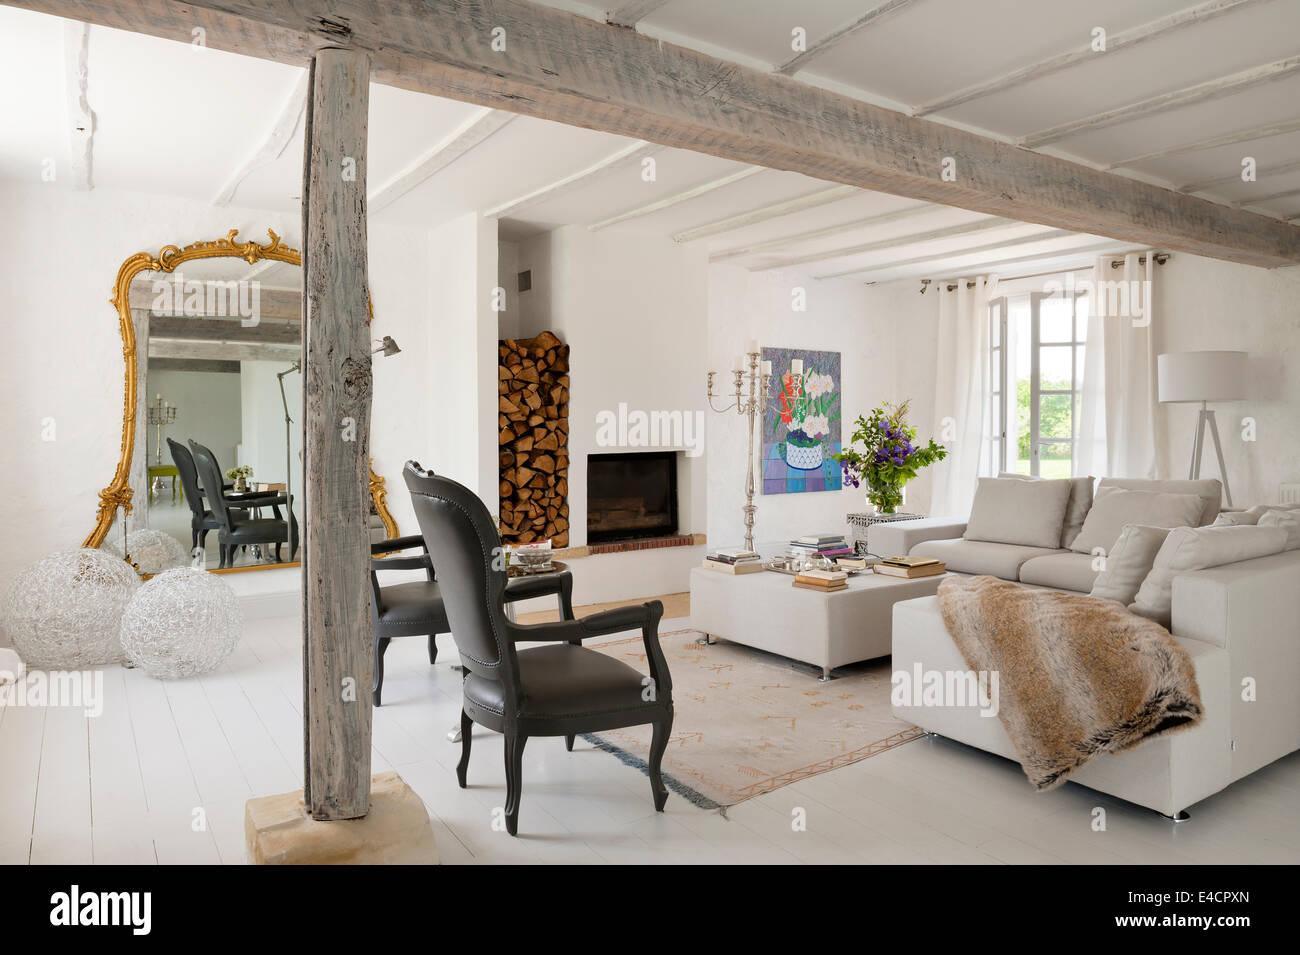 Paar Louis XV Sessel Entworfen Von Pieter Jamart Weiße Offene Wohnraum Mit  übergroßen Vergoldete Gerahmten Spiegel Und Sofas